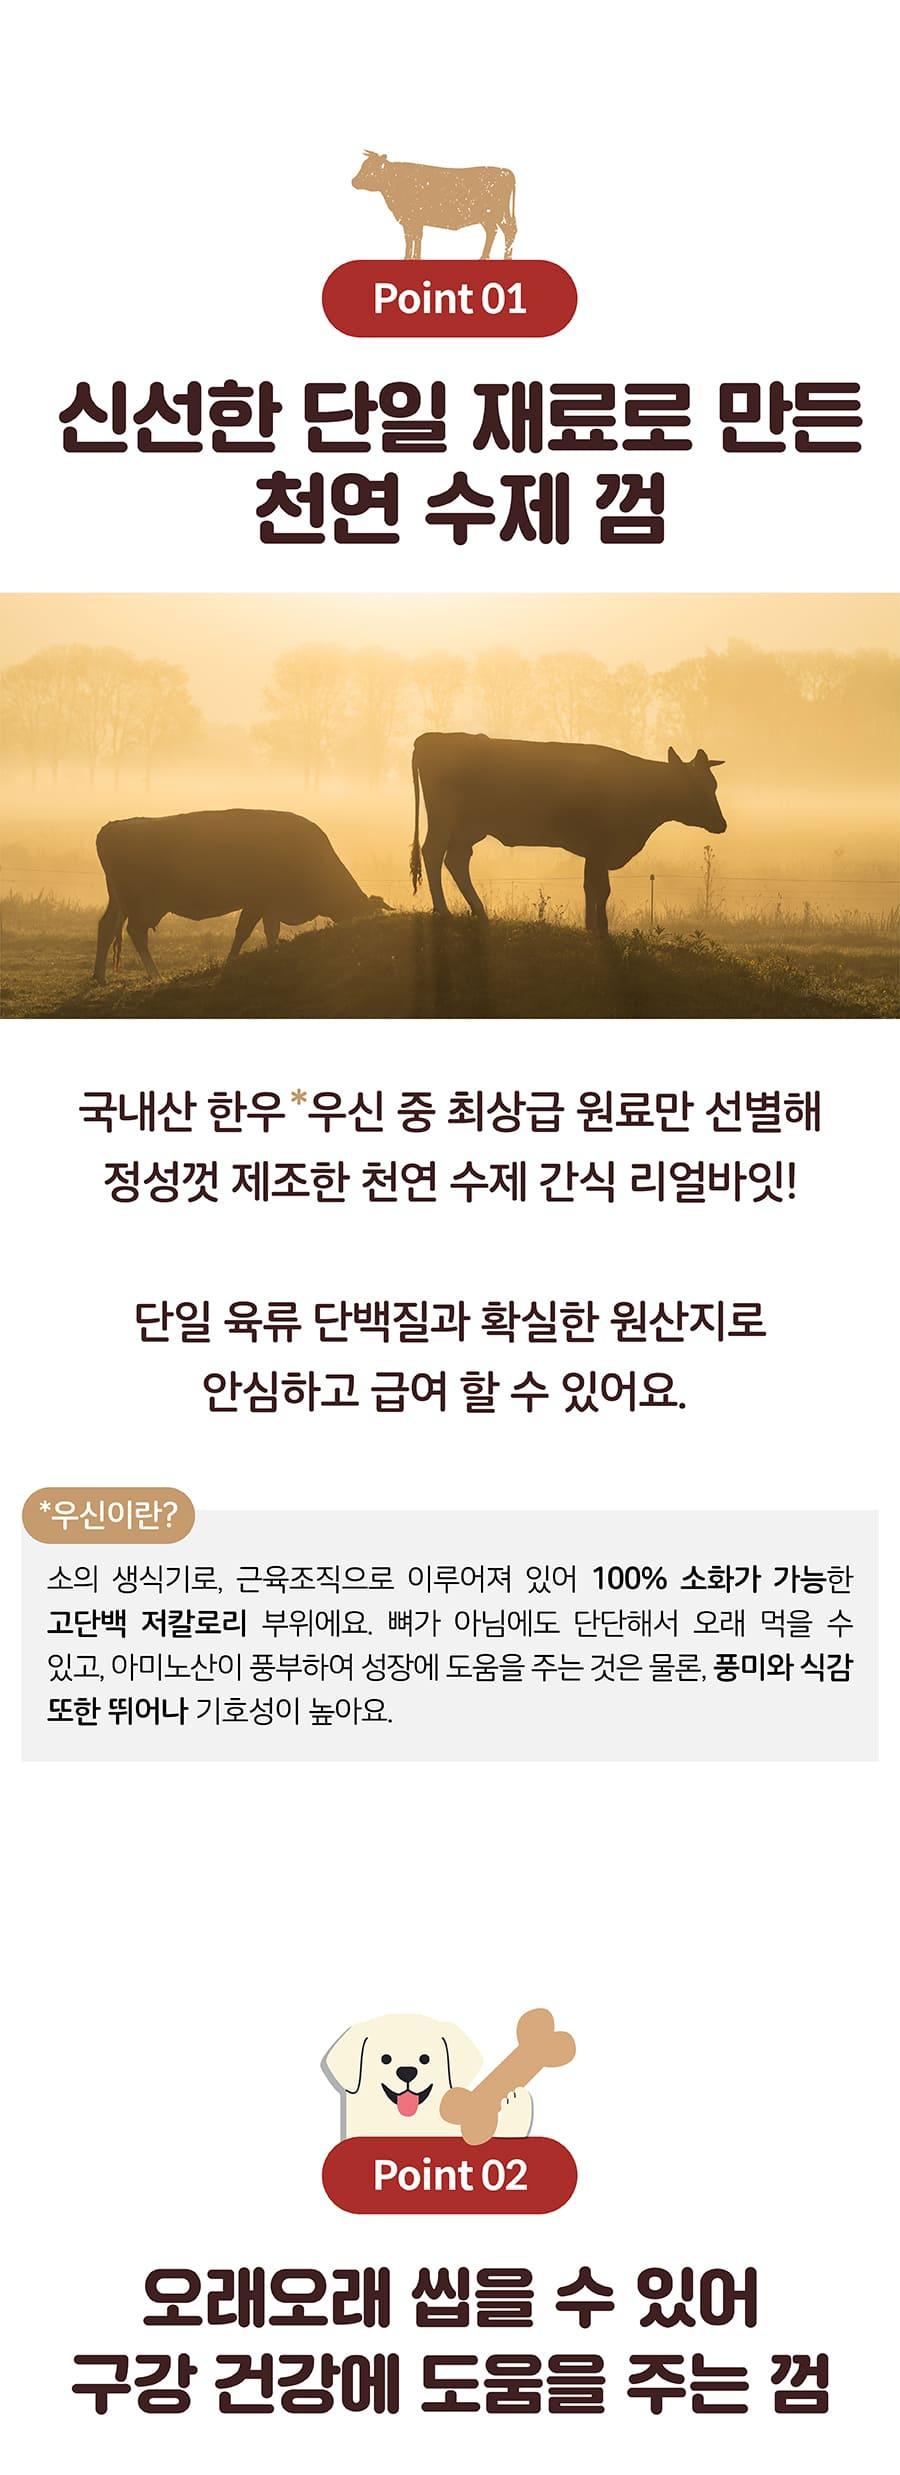 [대용량출시!] it 리얼바잇 한우껌 4종-상품이미지-7